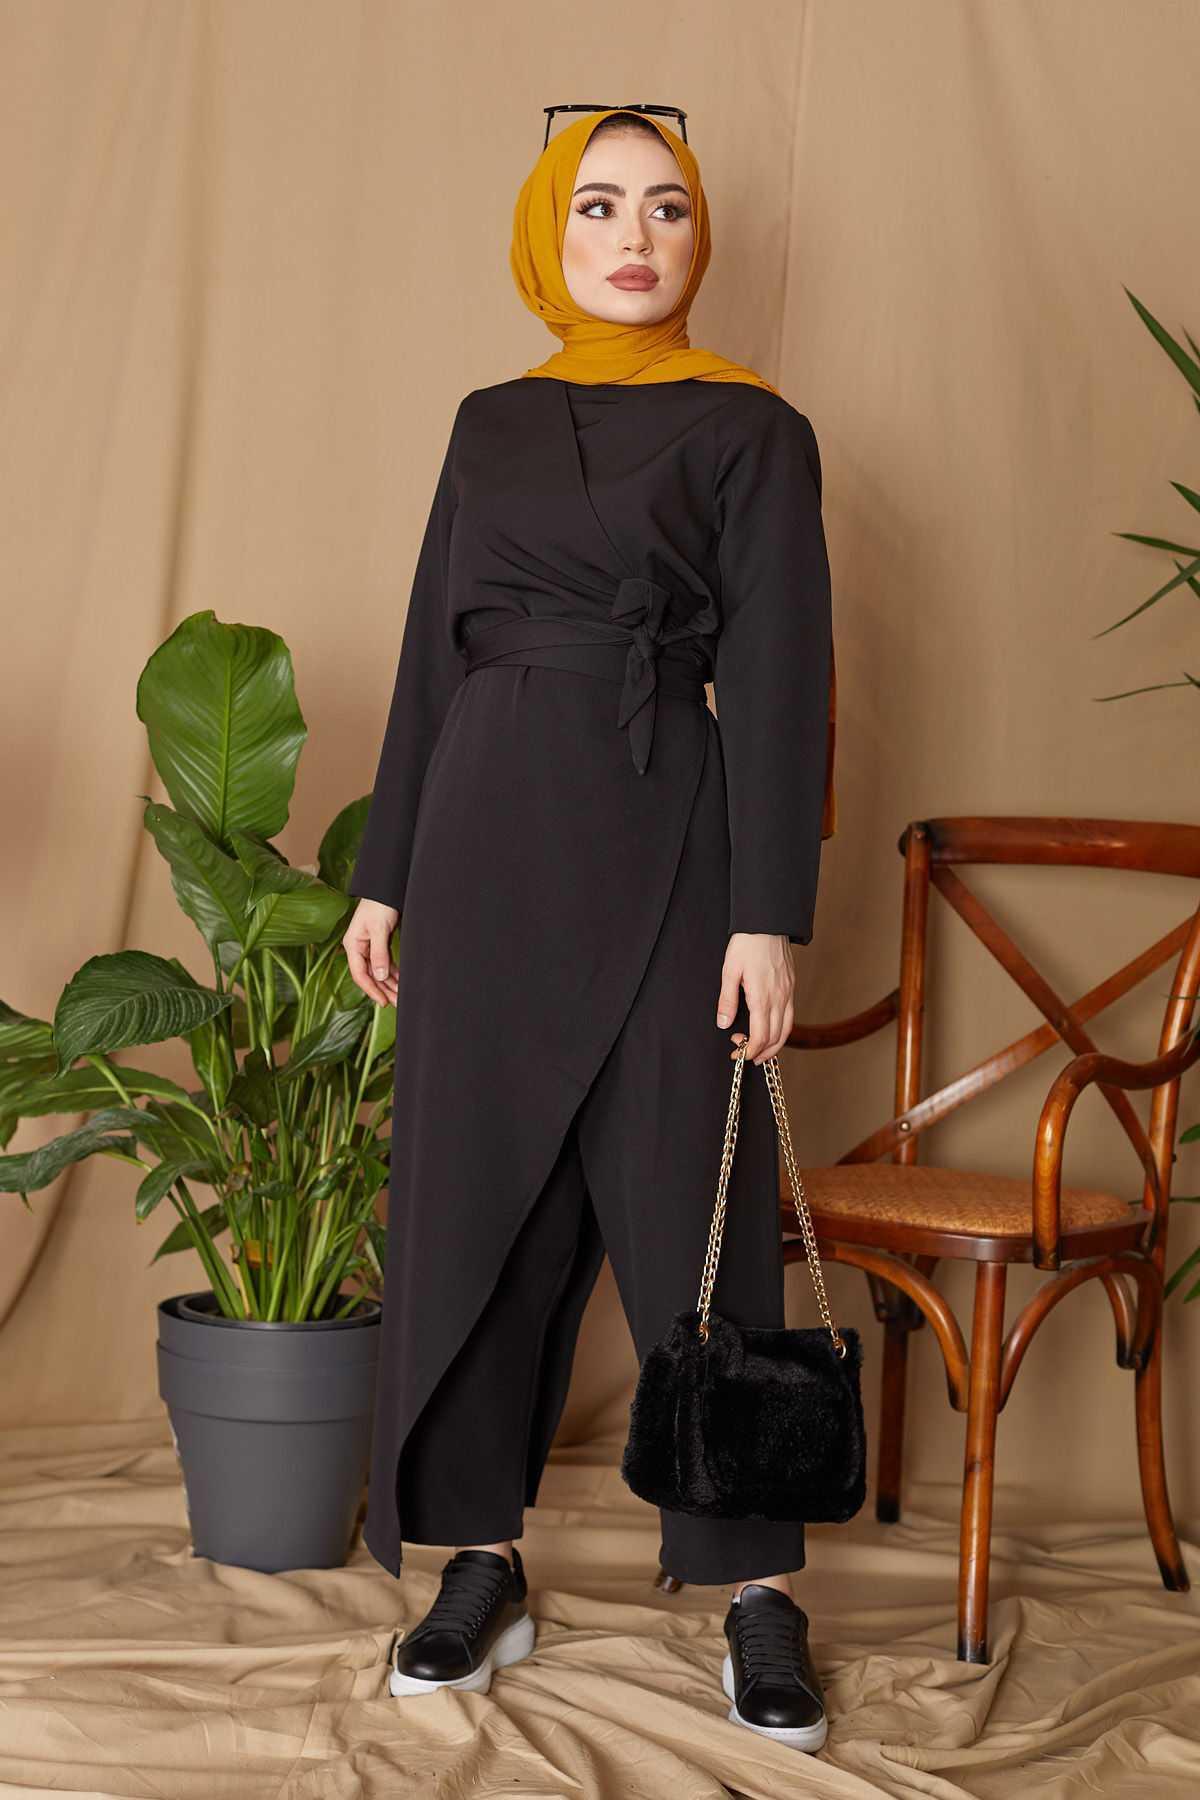 Hf Moda Tesettür Double Krep Siyah Tulum Modelleri